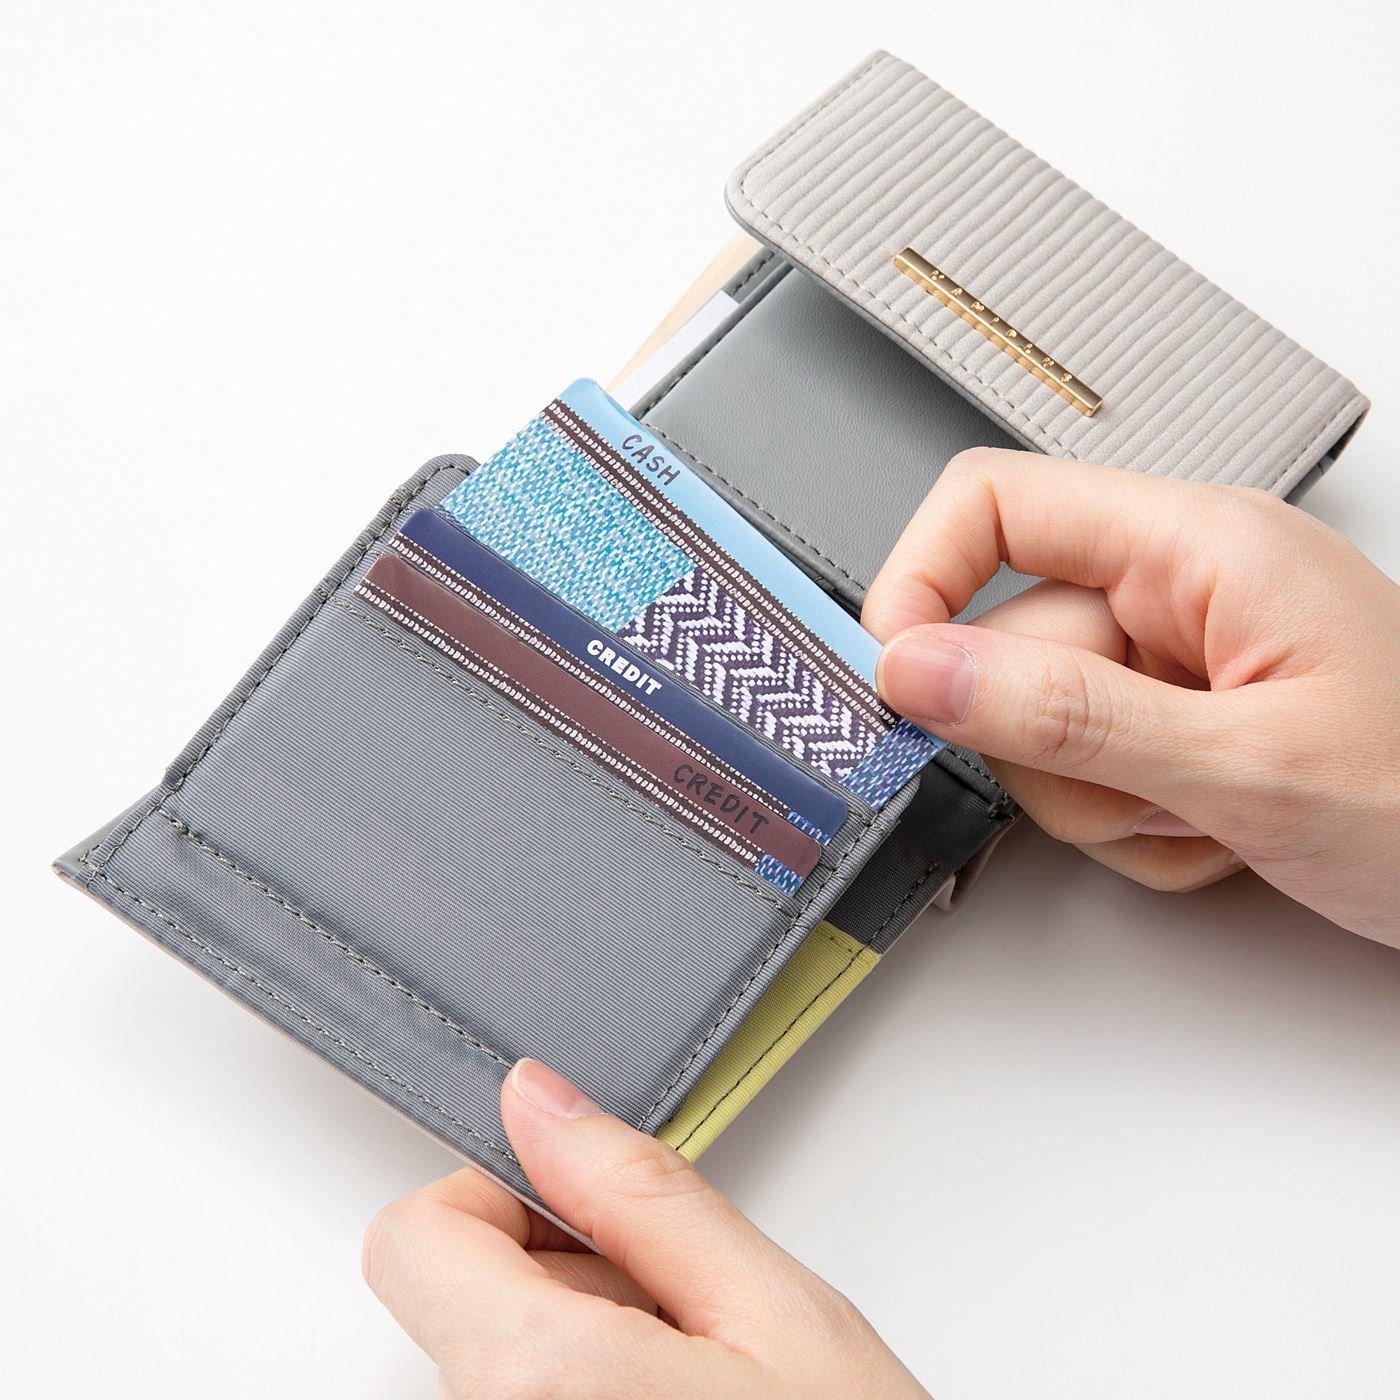 重ねるだけ! 大事なデータを守る 磁気防止カードの会